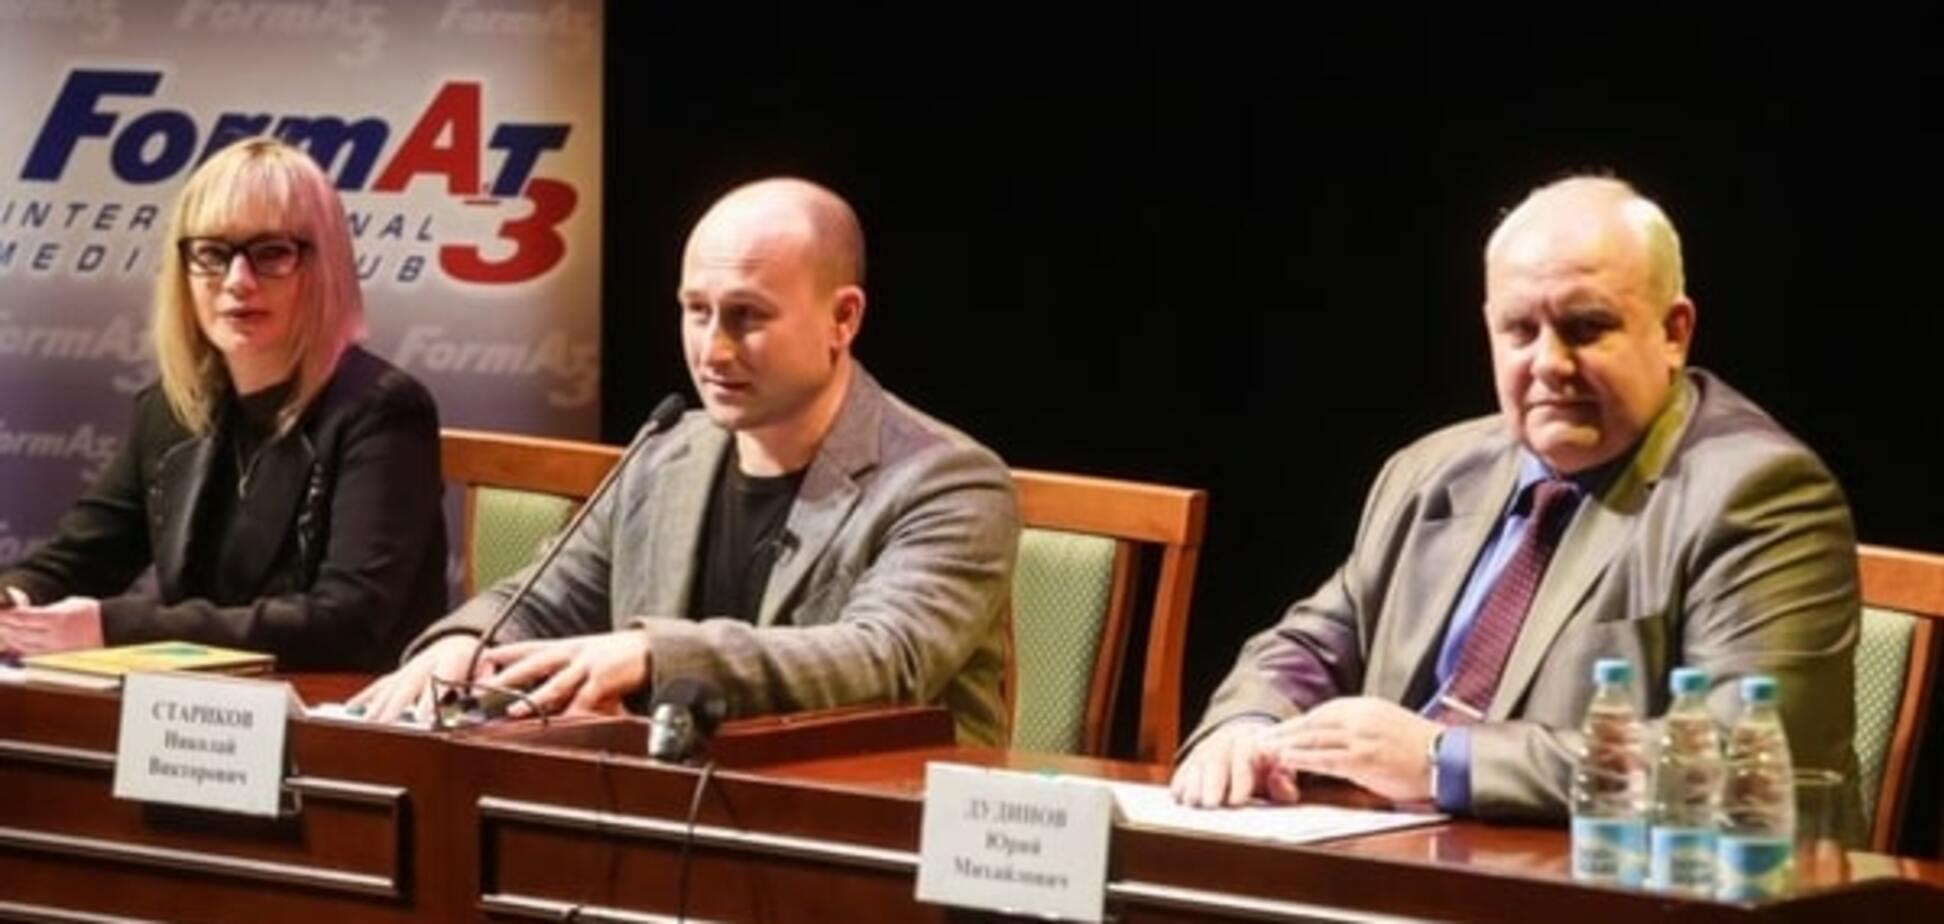 'Чемодан! Вокзал! Россия!': в Минске 'тепло' встретили идеолога 'русского мира'